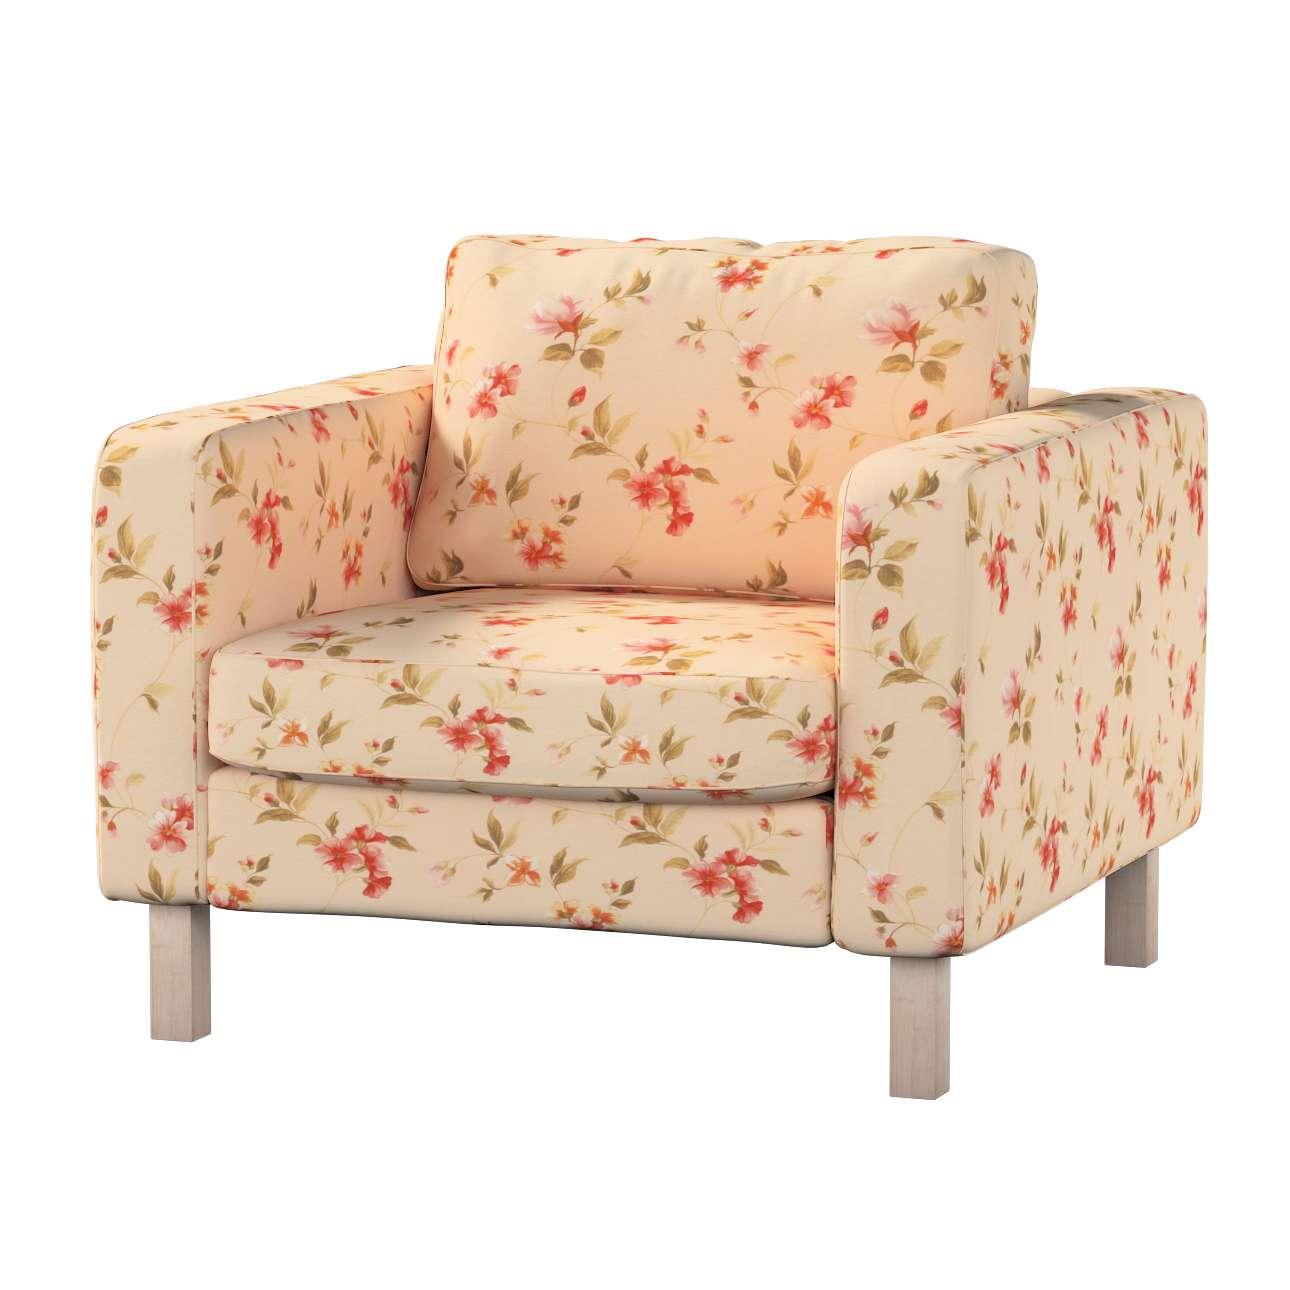 Karlstad fotelio užvalkalas Karlstad fotelio užvalkalas kolekcijoje Londres, audinys: 124-05